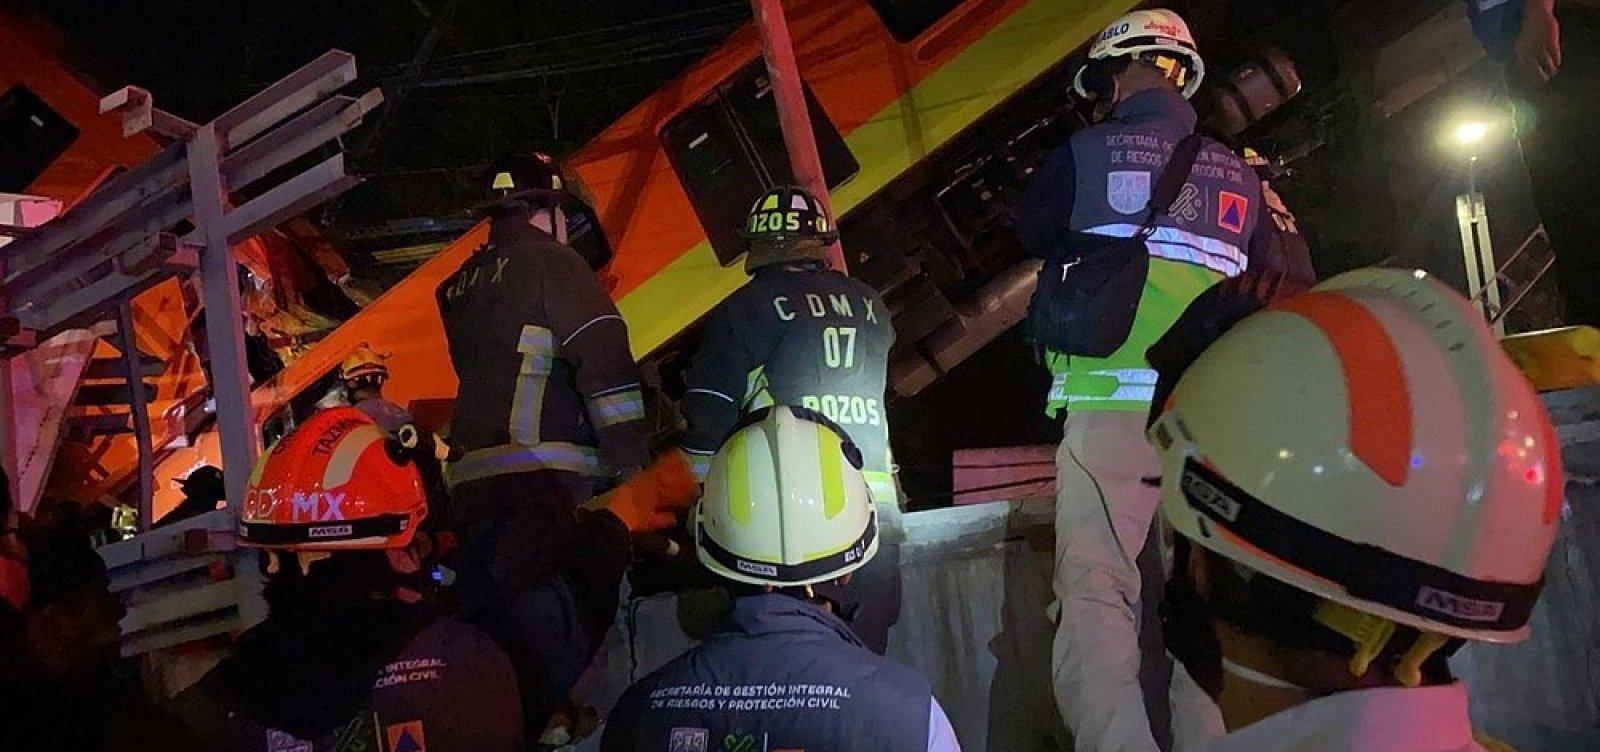 Viaduto de metrô desaba e deixa ao menos 23 mortos no México